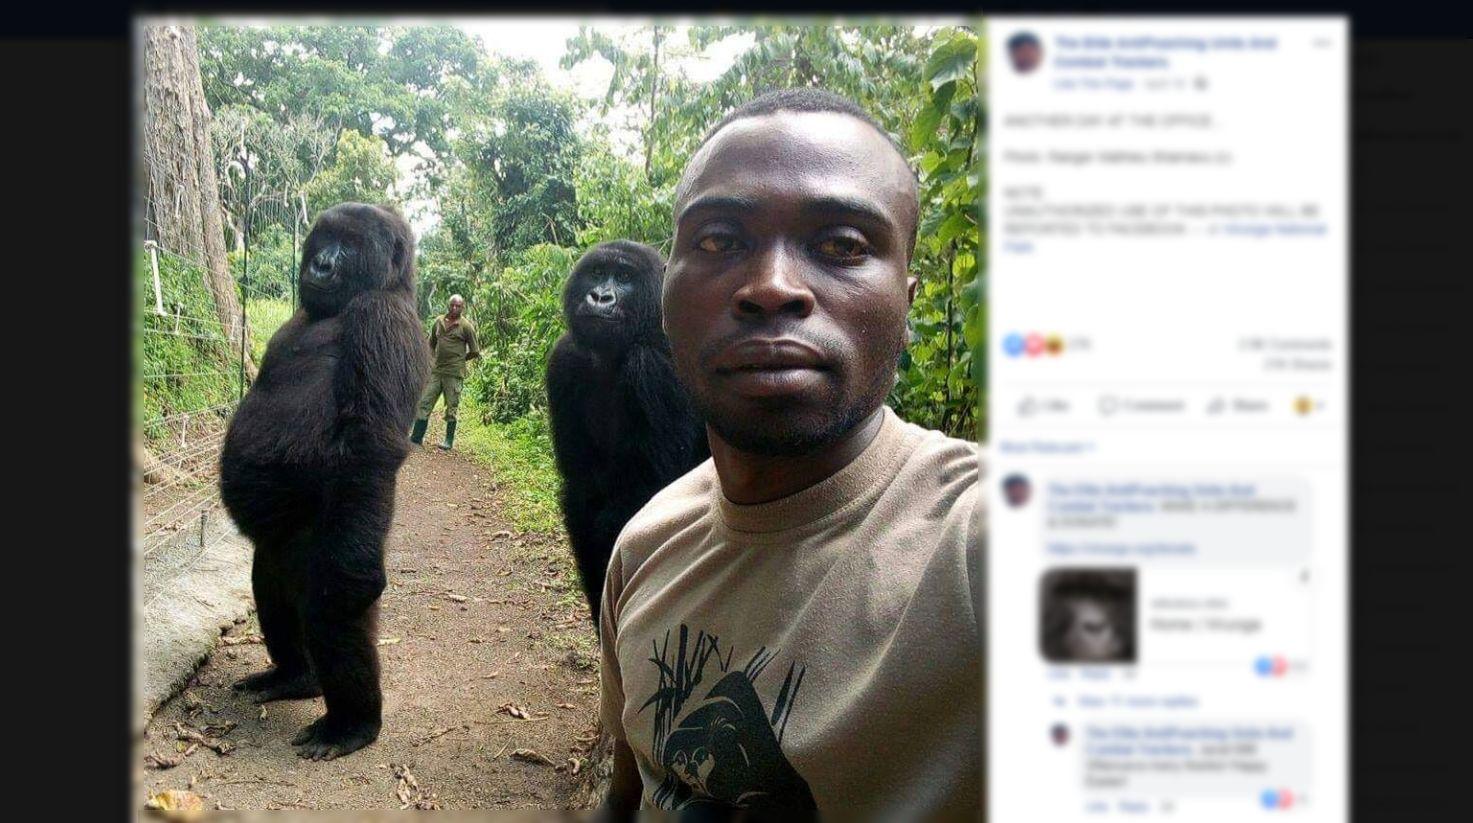 Le selfie de ces gorilles avec un ranger cache une dure